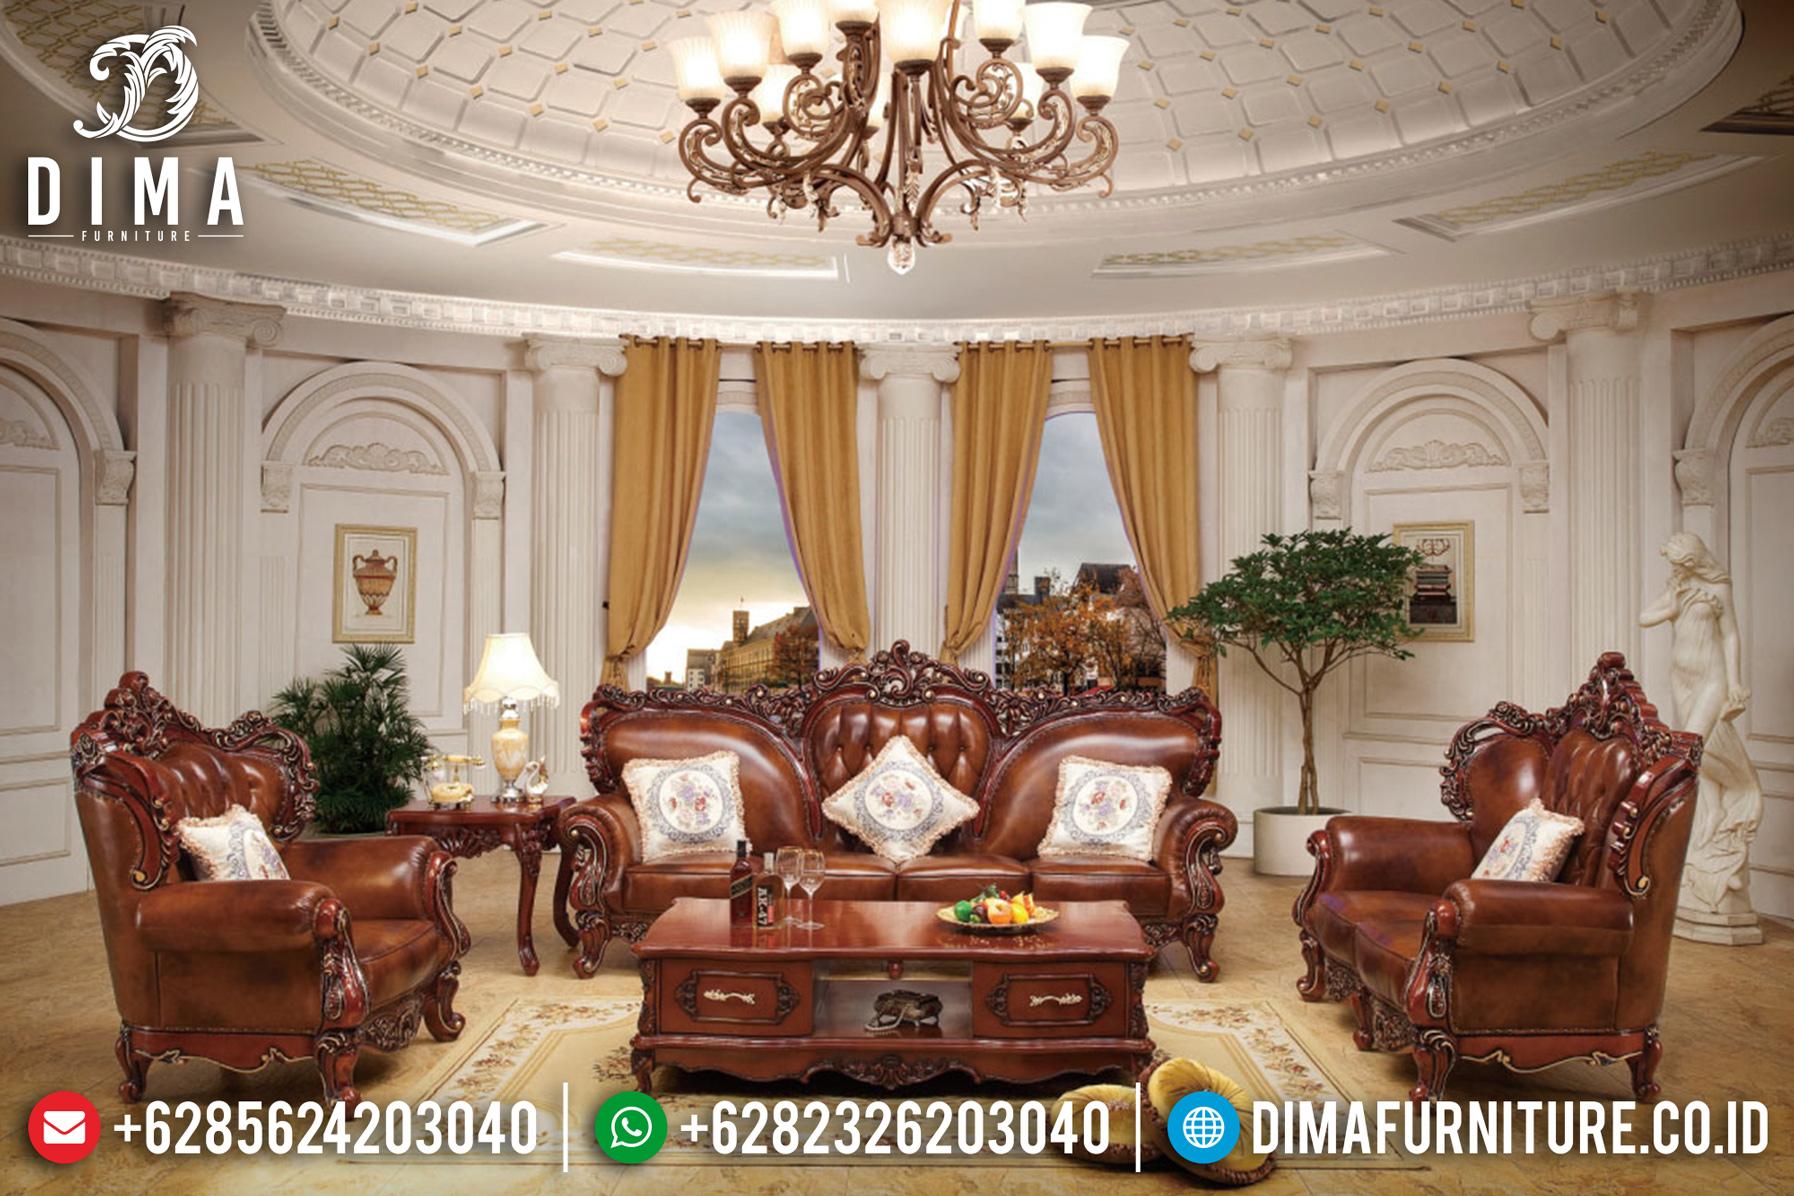 Terbaru! Set Sofa Tamu Jepara Mewah Klasik Eropa Ukiran Jati DF-0784